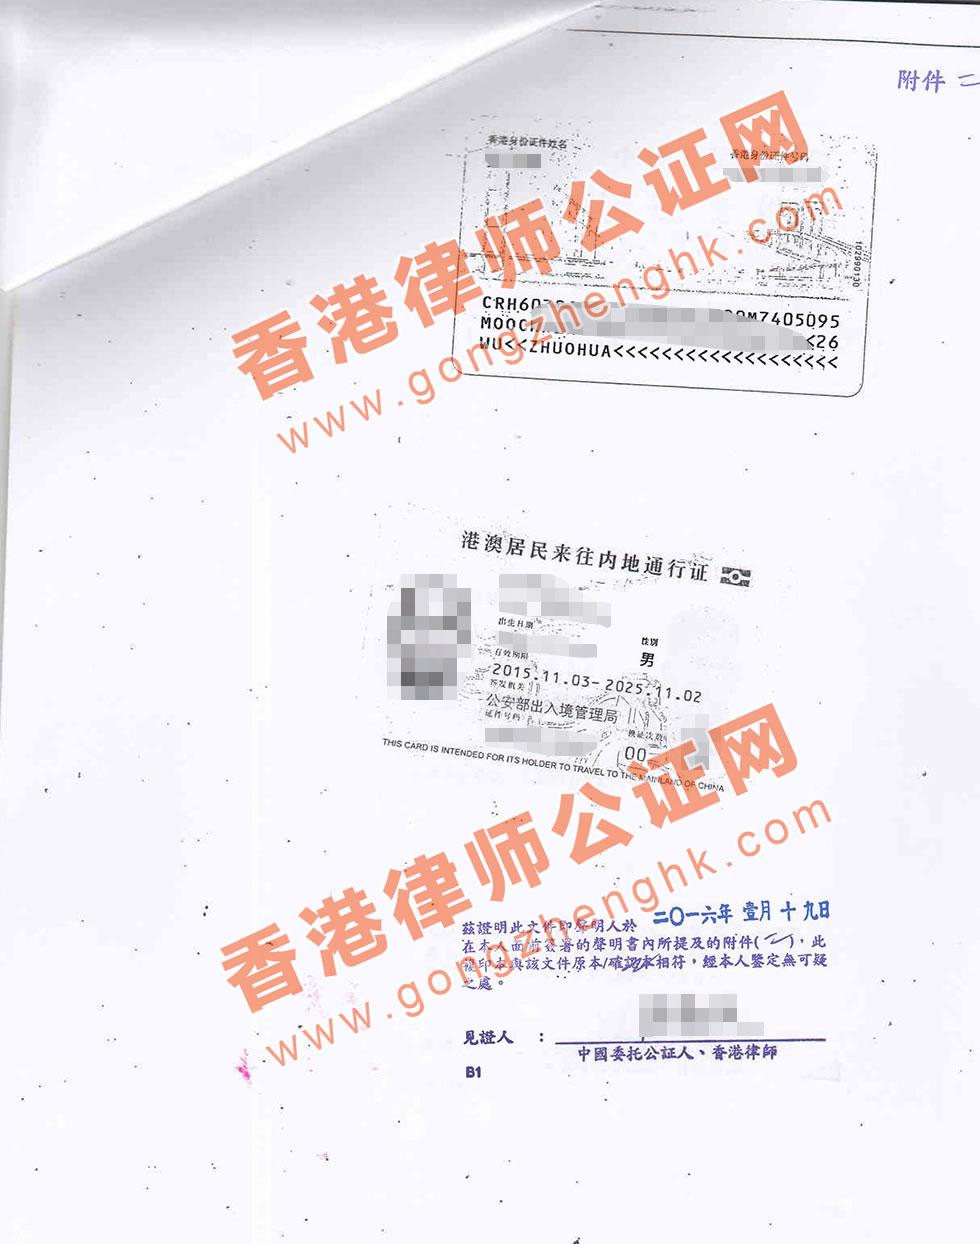 香港回乡证公证样本